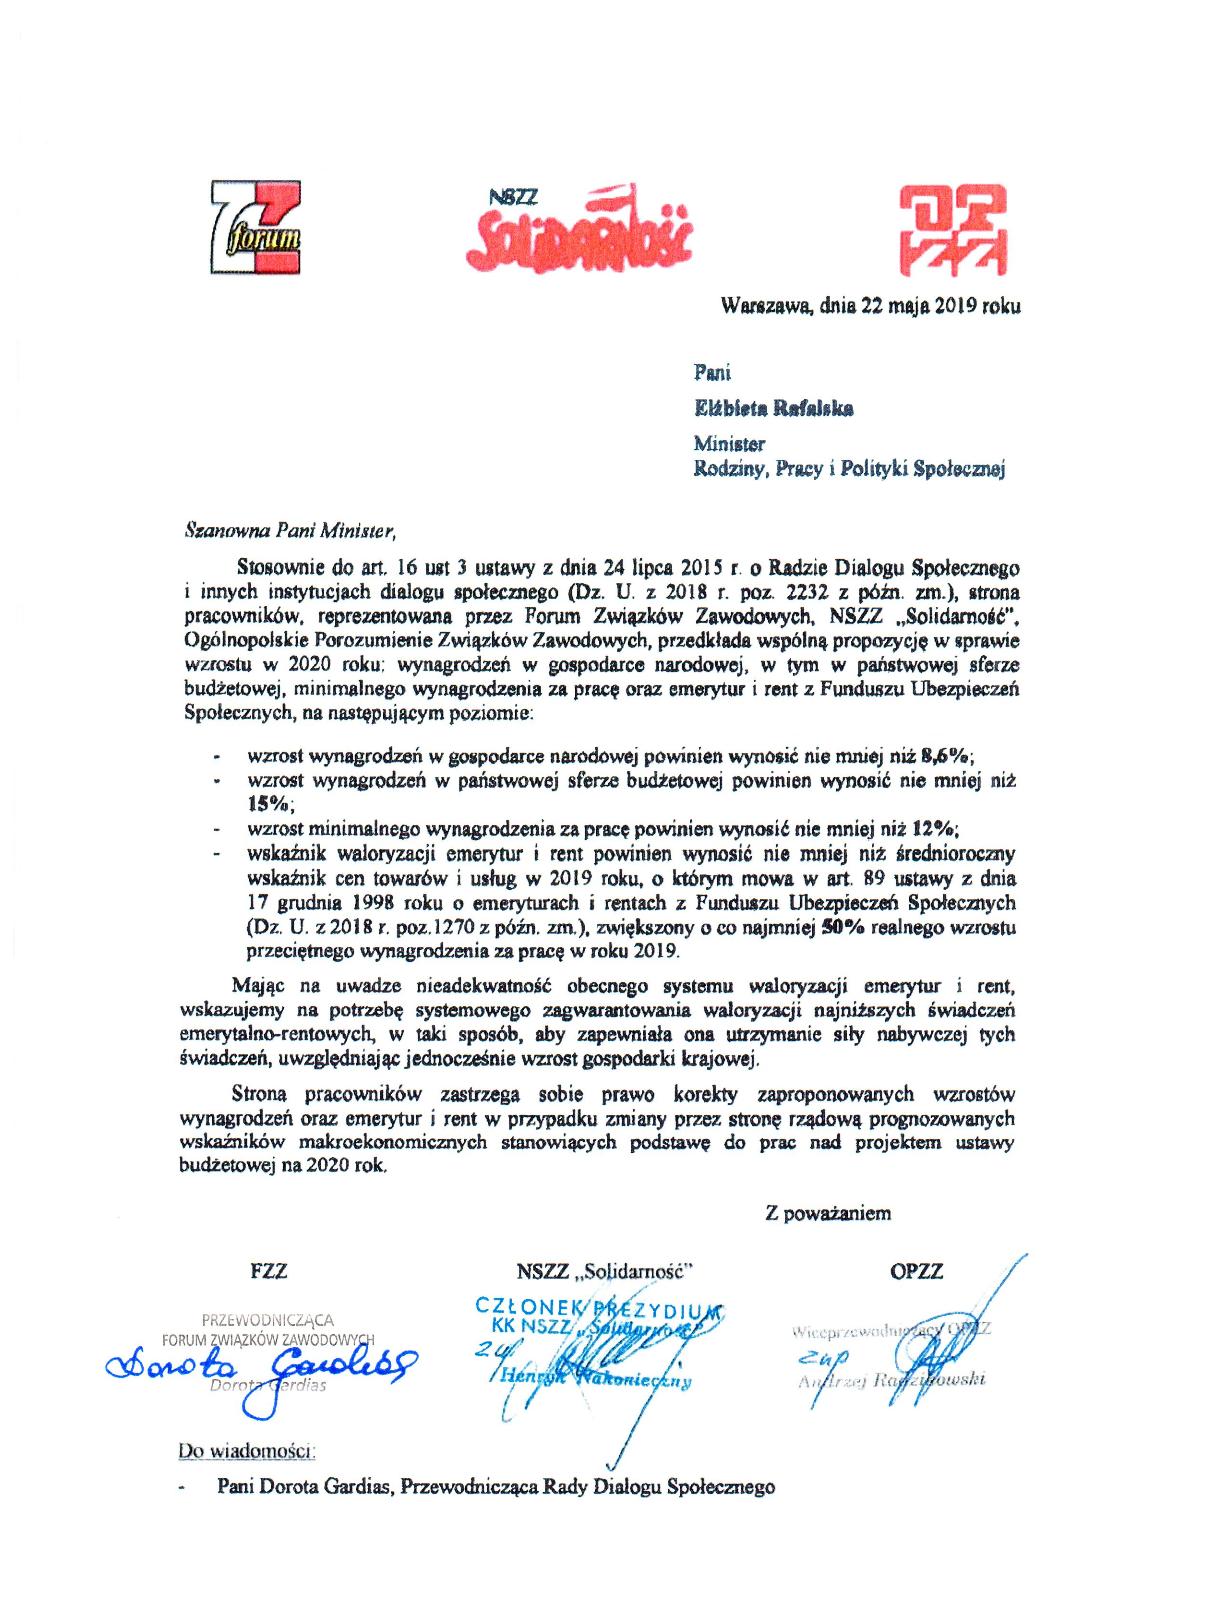 Pismo, które strona związkowa wystosowała do szefowej resortu rodziny, pracy i polityki społecznej 22 maja 2019 r. (źródło: materiały prasowe związków zawodowych)